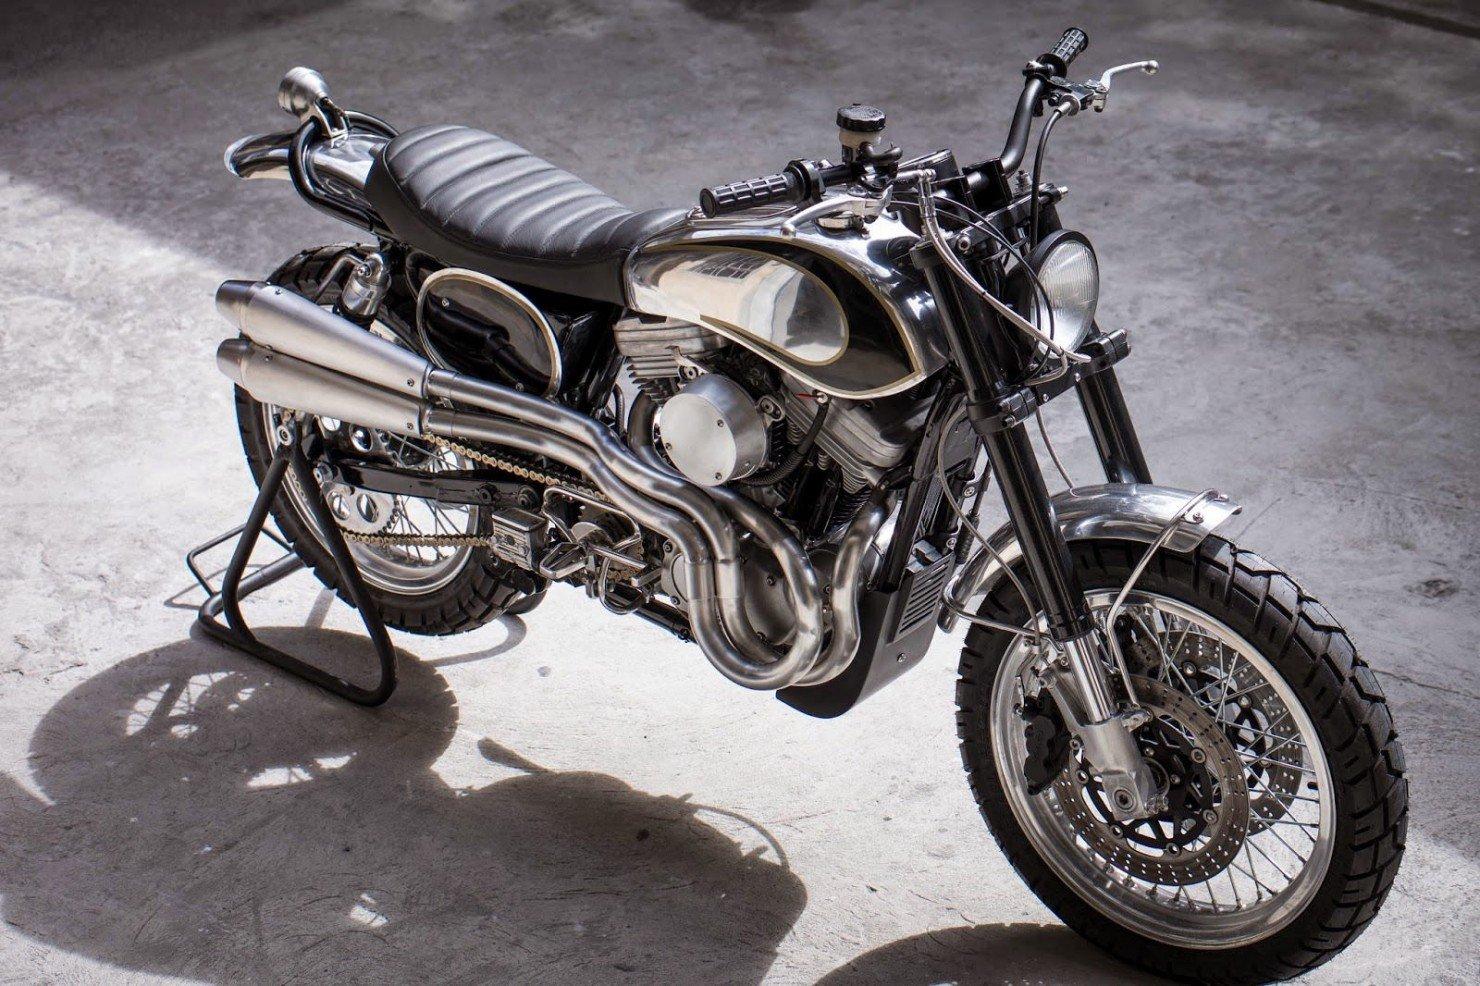 Harley-Davidson-Scrambler-Motorcycle-32